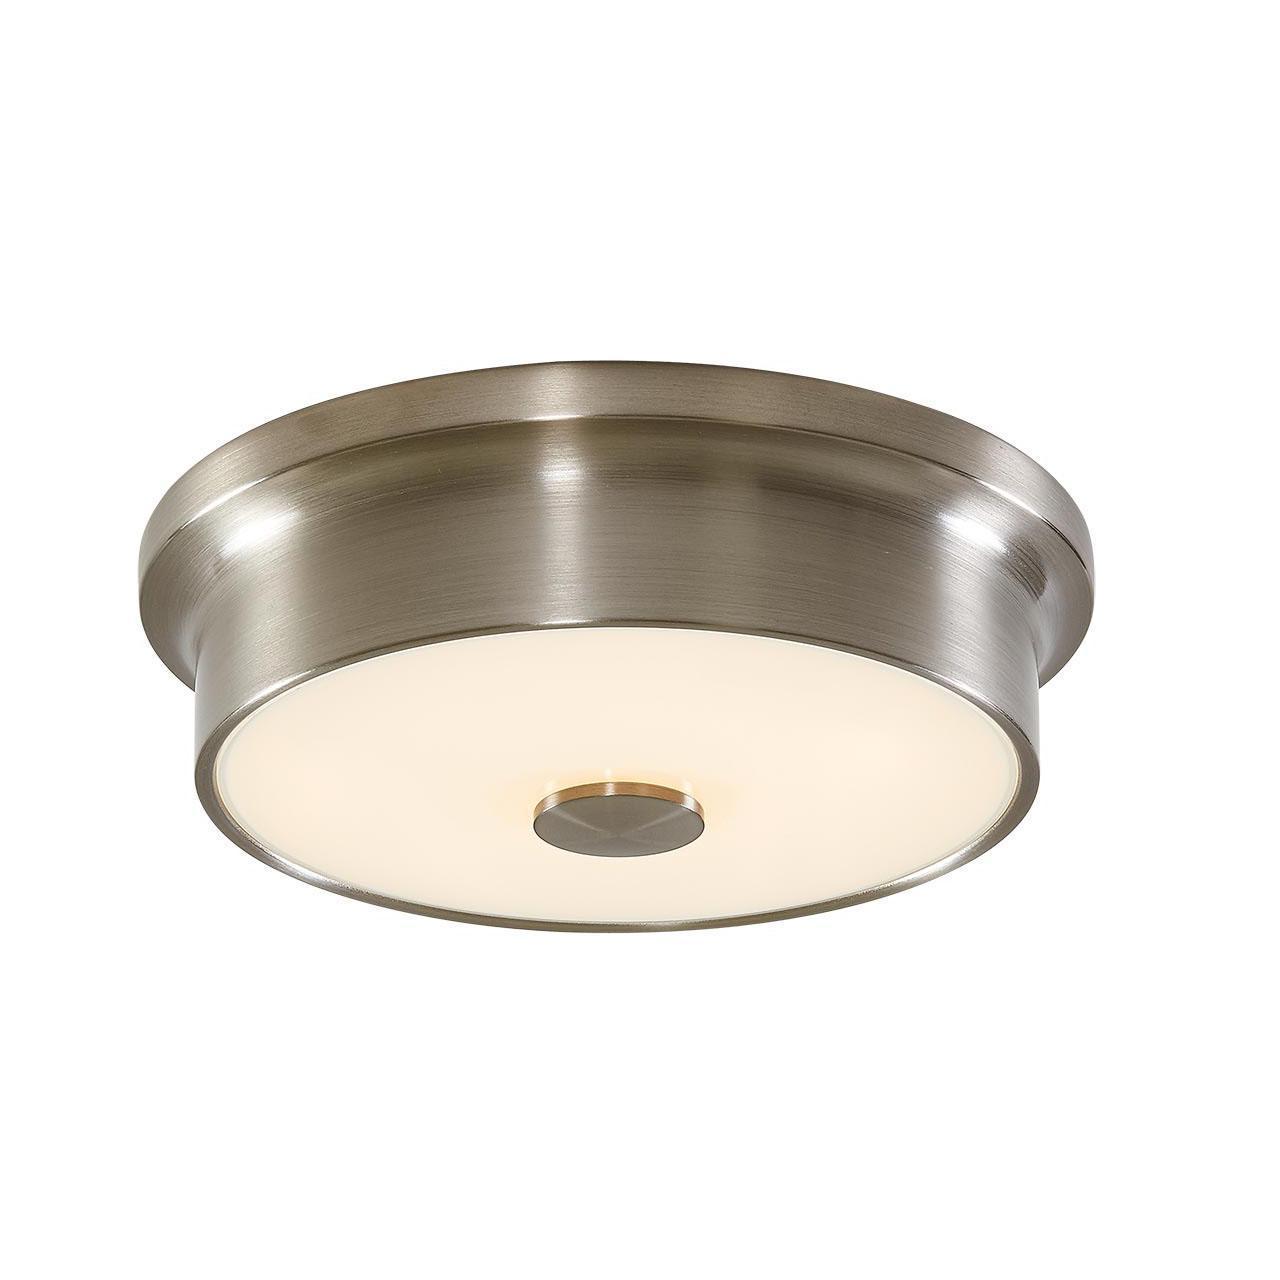 купить Потолочный светодиодный светильник Citilux Фостер-2 CL706211 по цене 3200 рублей